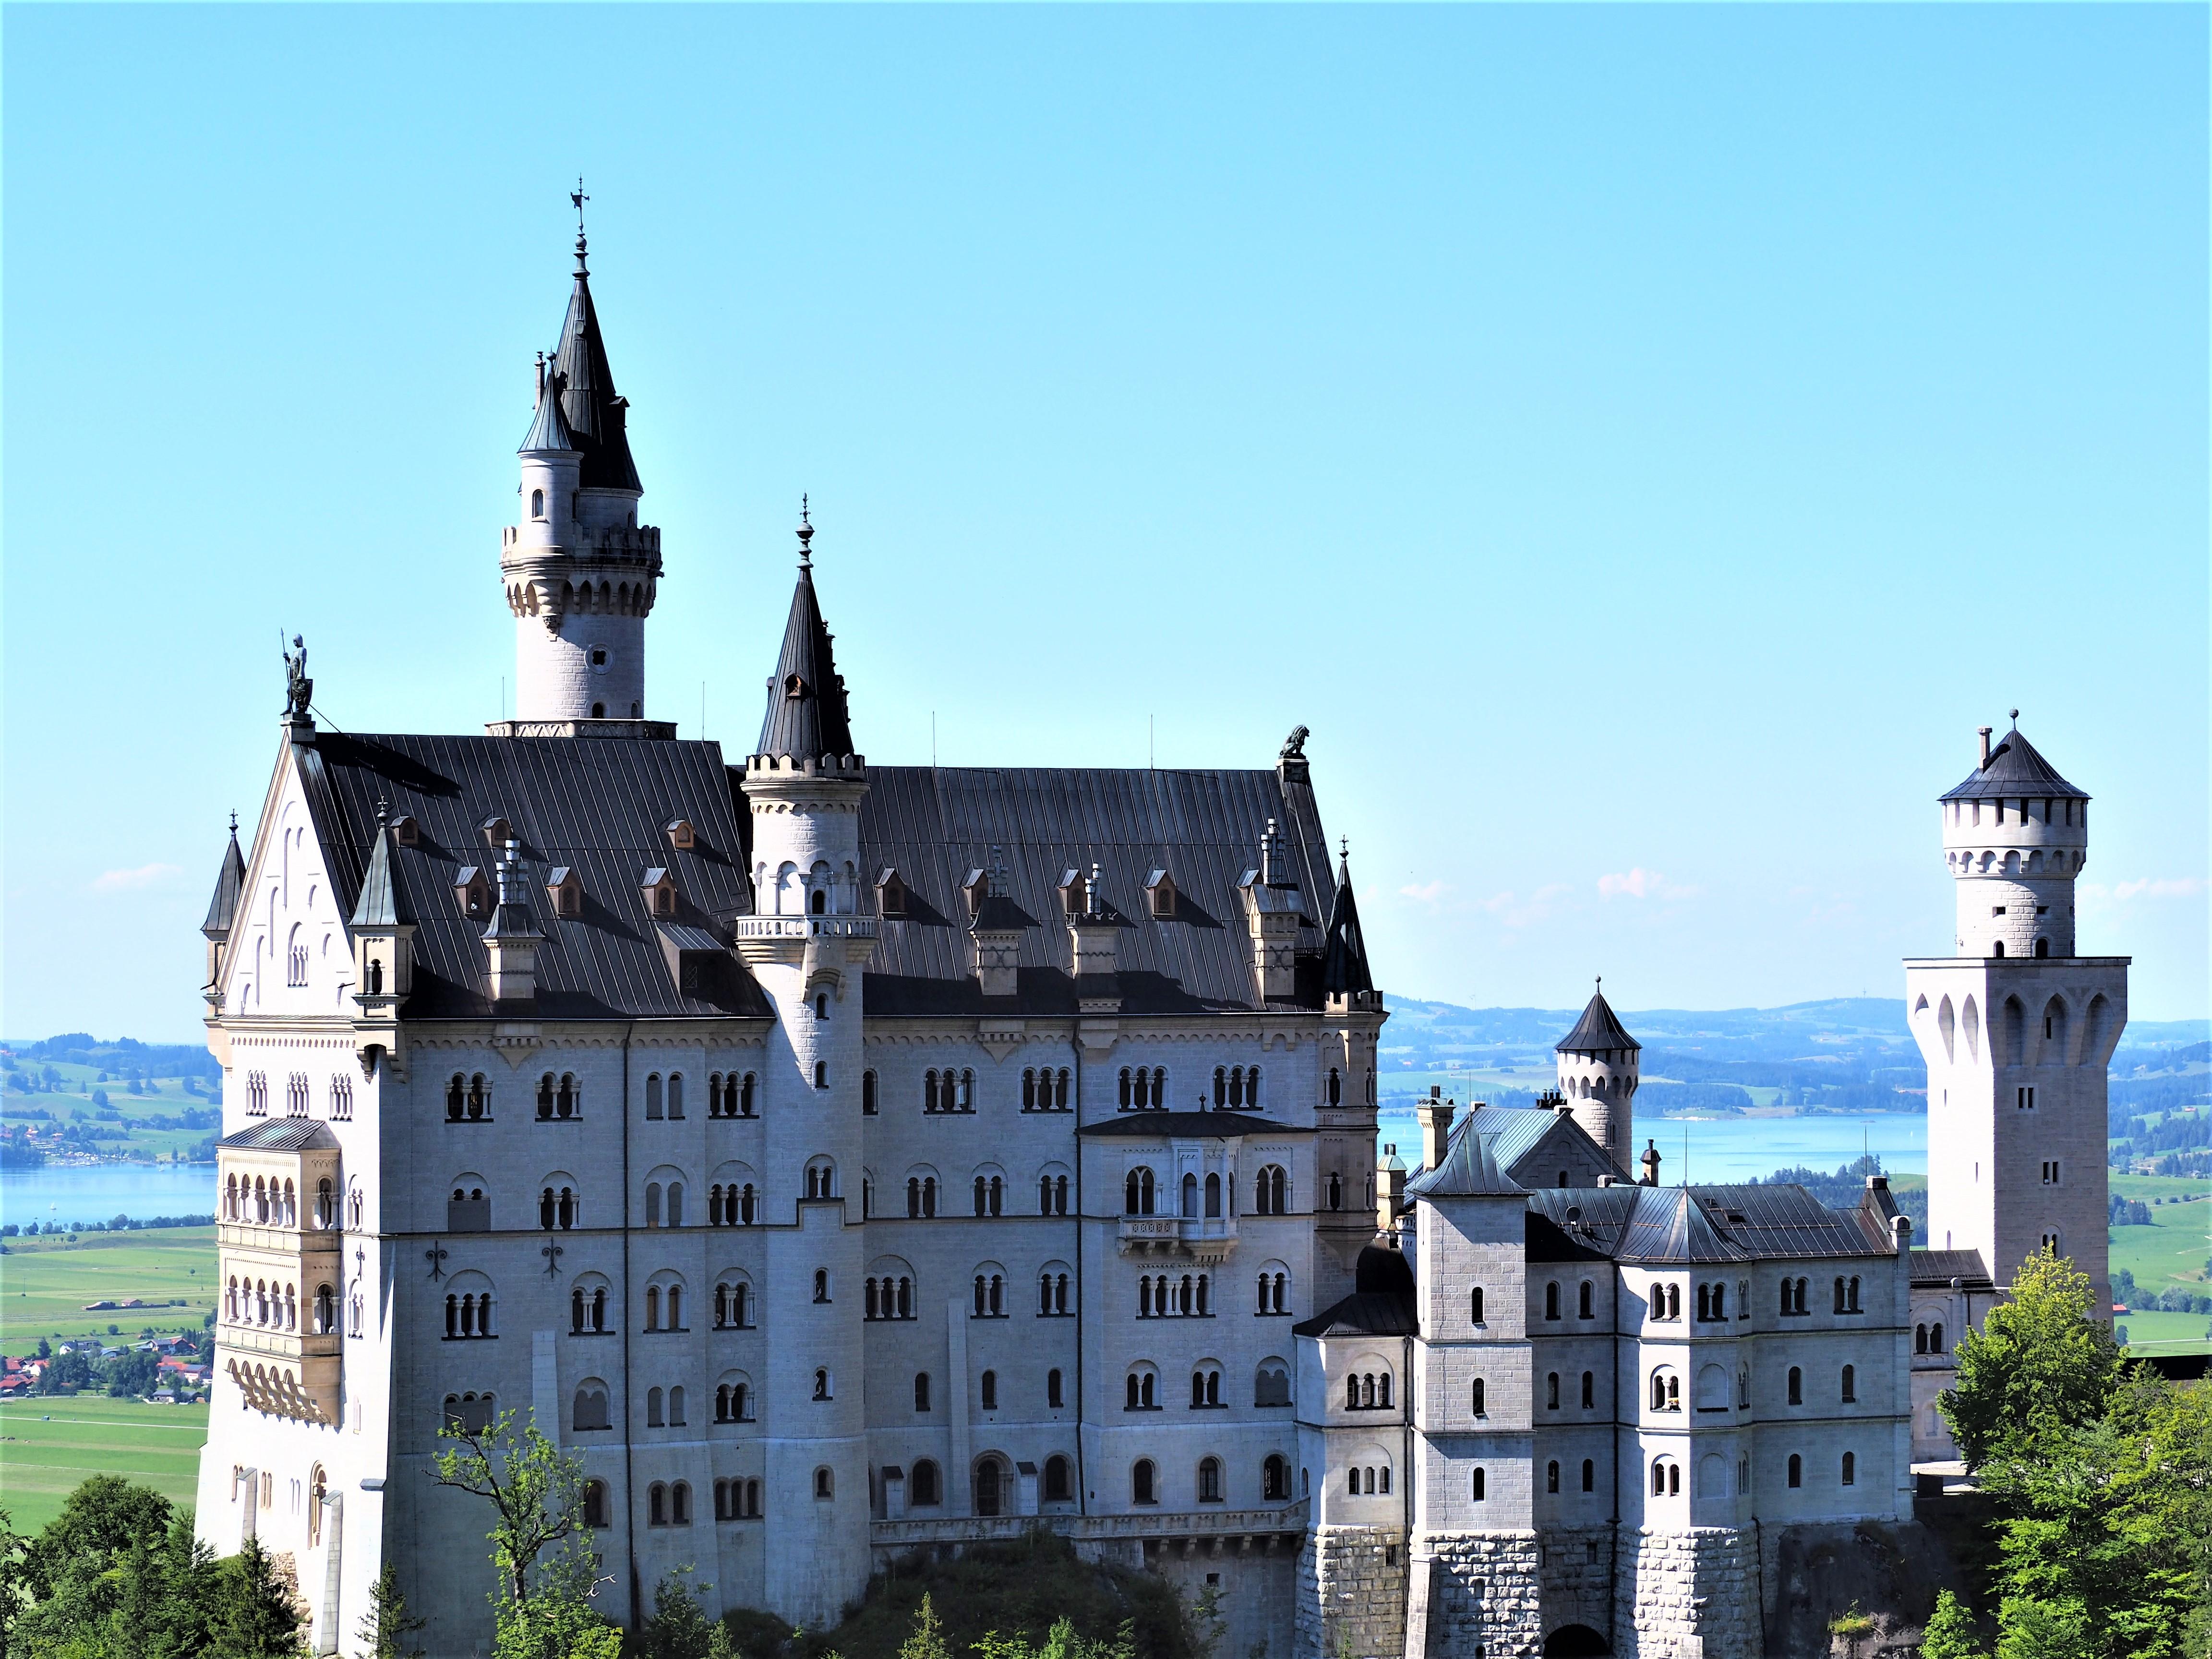 chateau-de-Neuschwanstein-Allemagne-Baviere-blog-voyage-clioandco